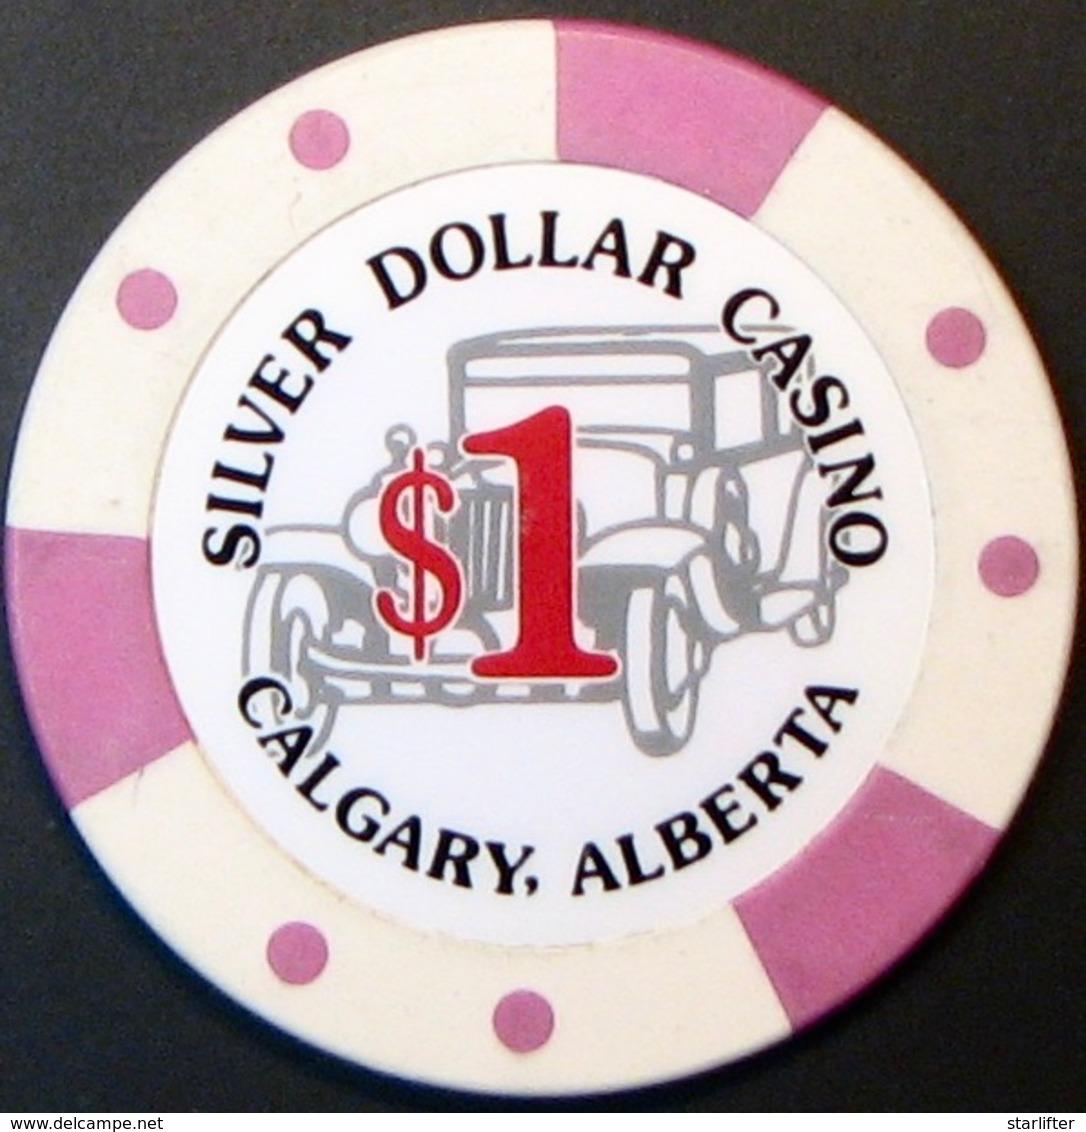 $1 Casino Chip. Silver Dollar, Alberta, Canada. S16. - Casino